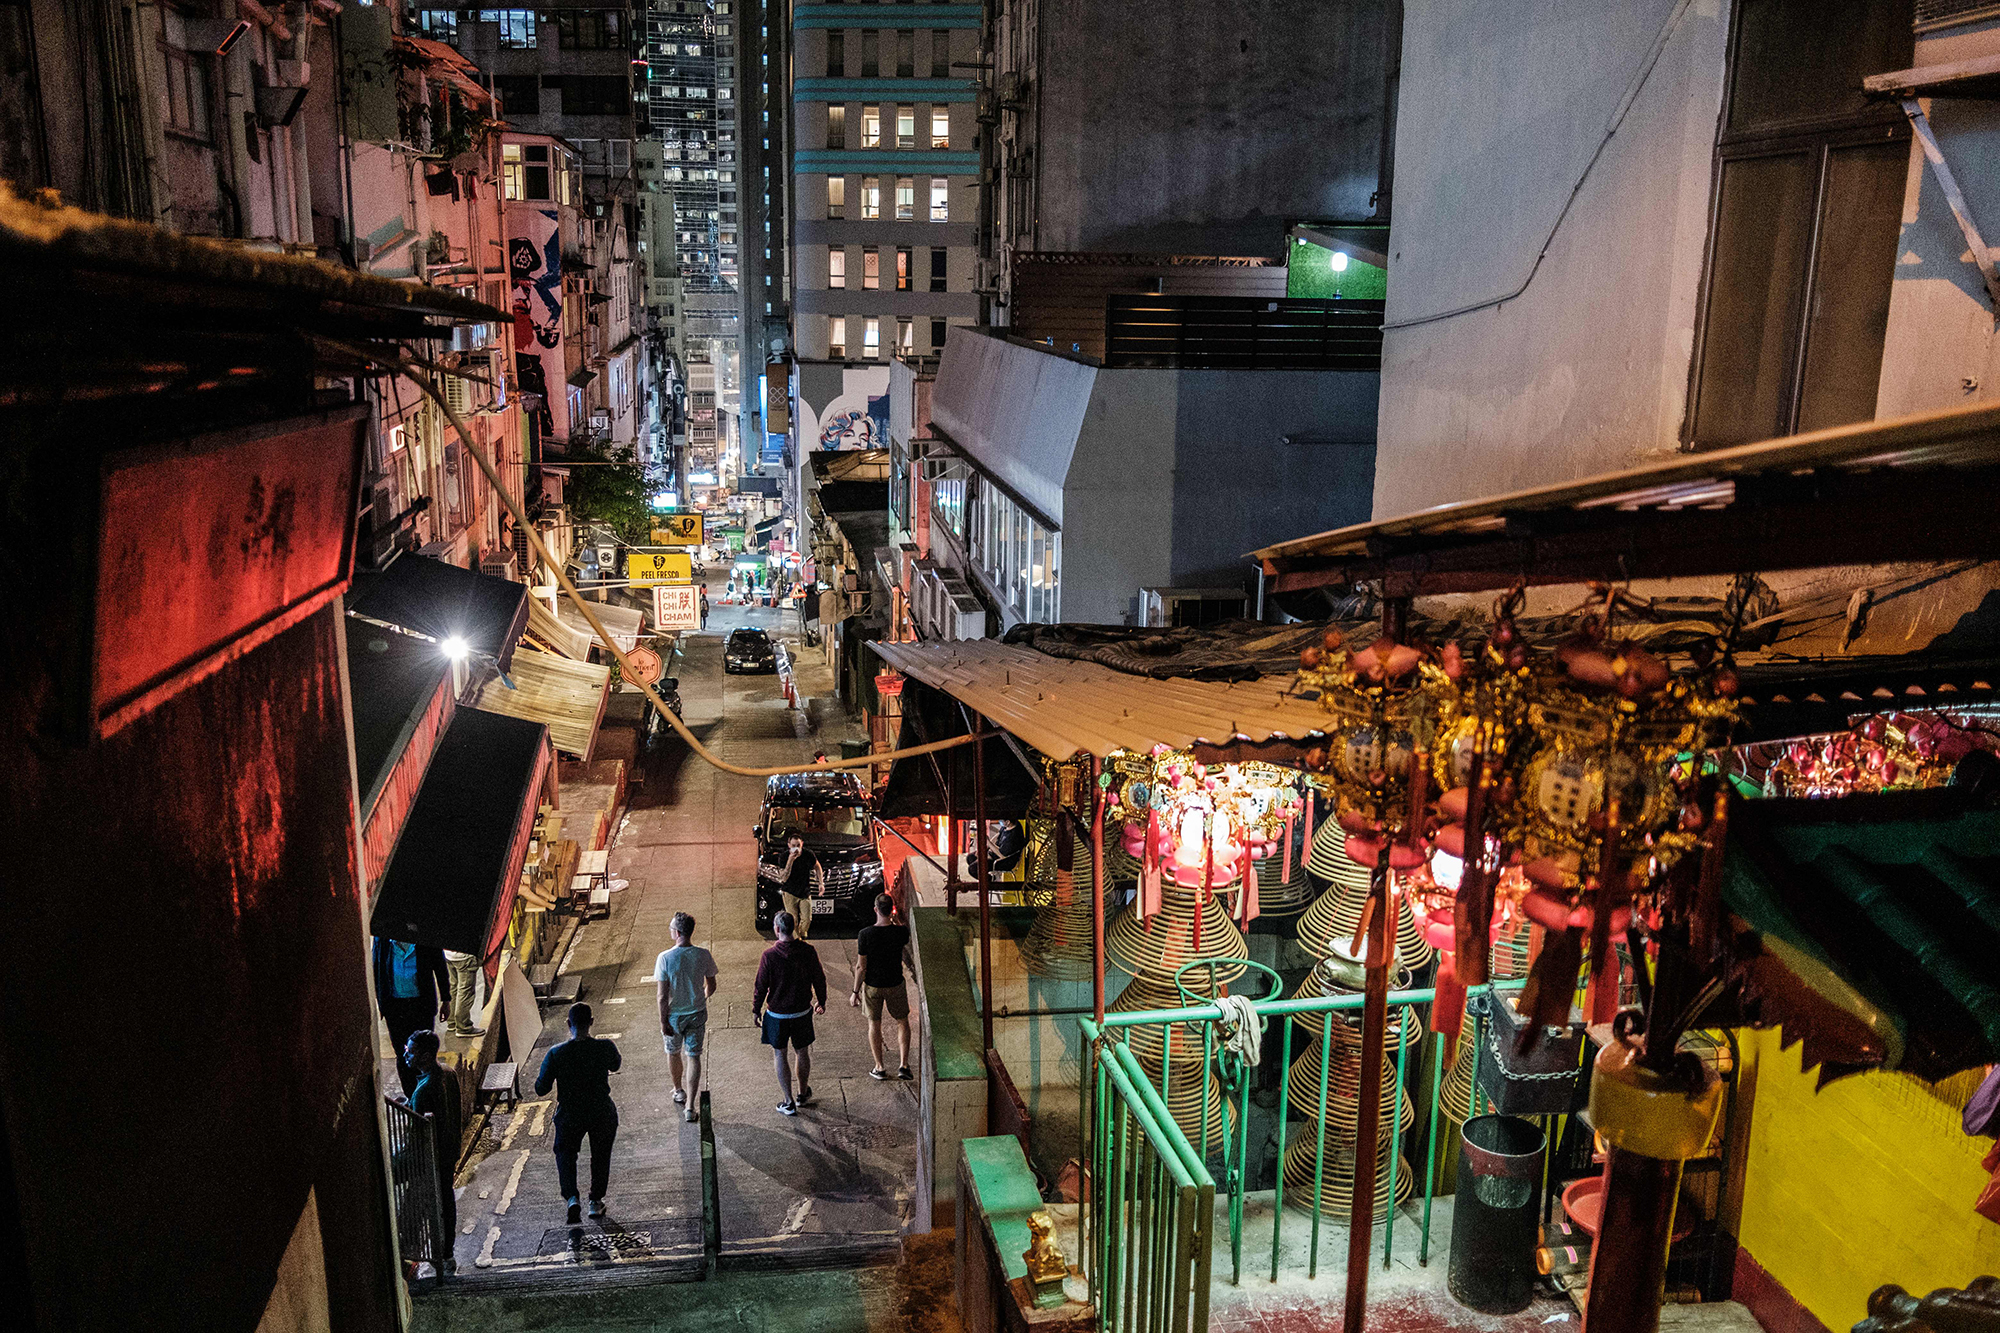 Ατού θέλει μια πρώιμη επιστροφή στην εργασία. Χονγκ Κονγκ δοκιμάσει αυτό και τώρα έχει ένα δεύτερο κύμα περιπτώσεις